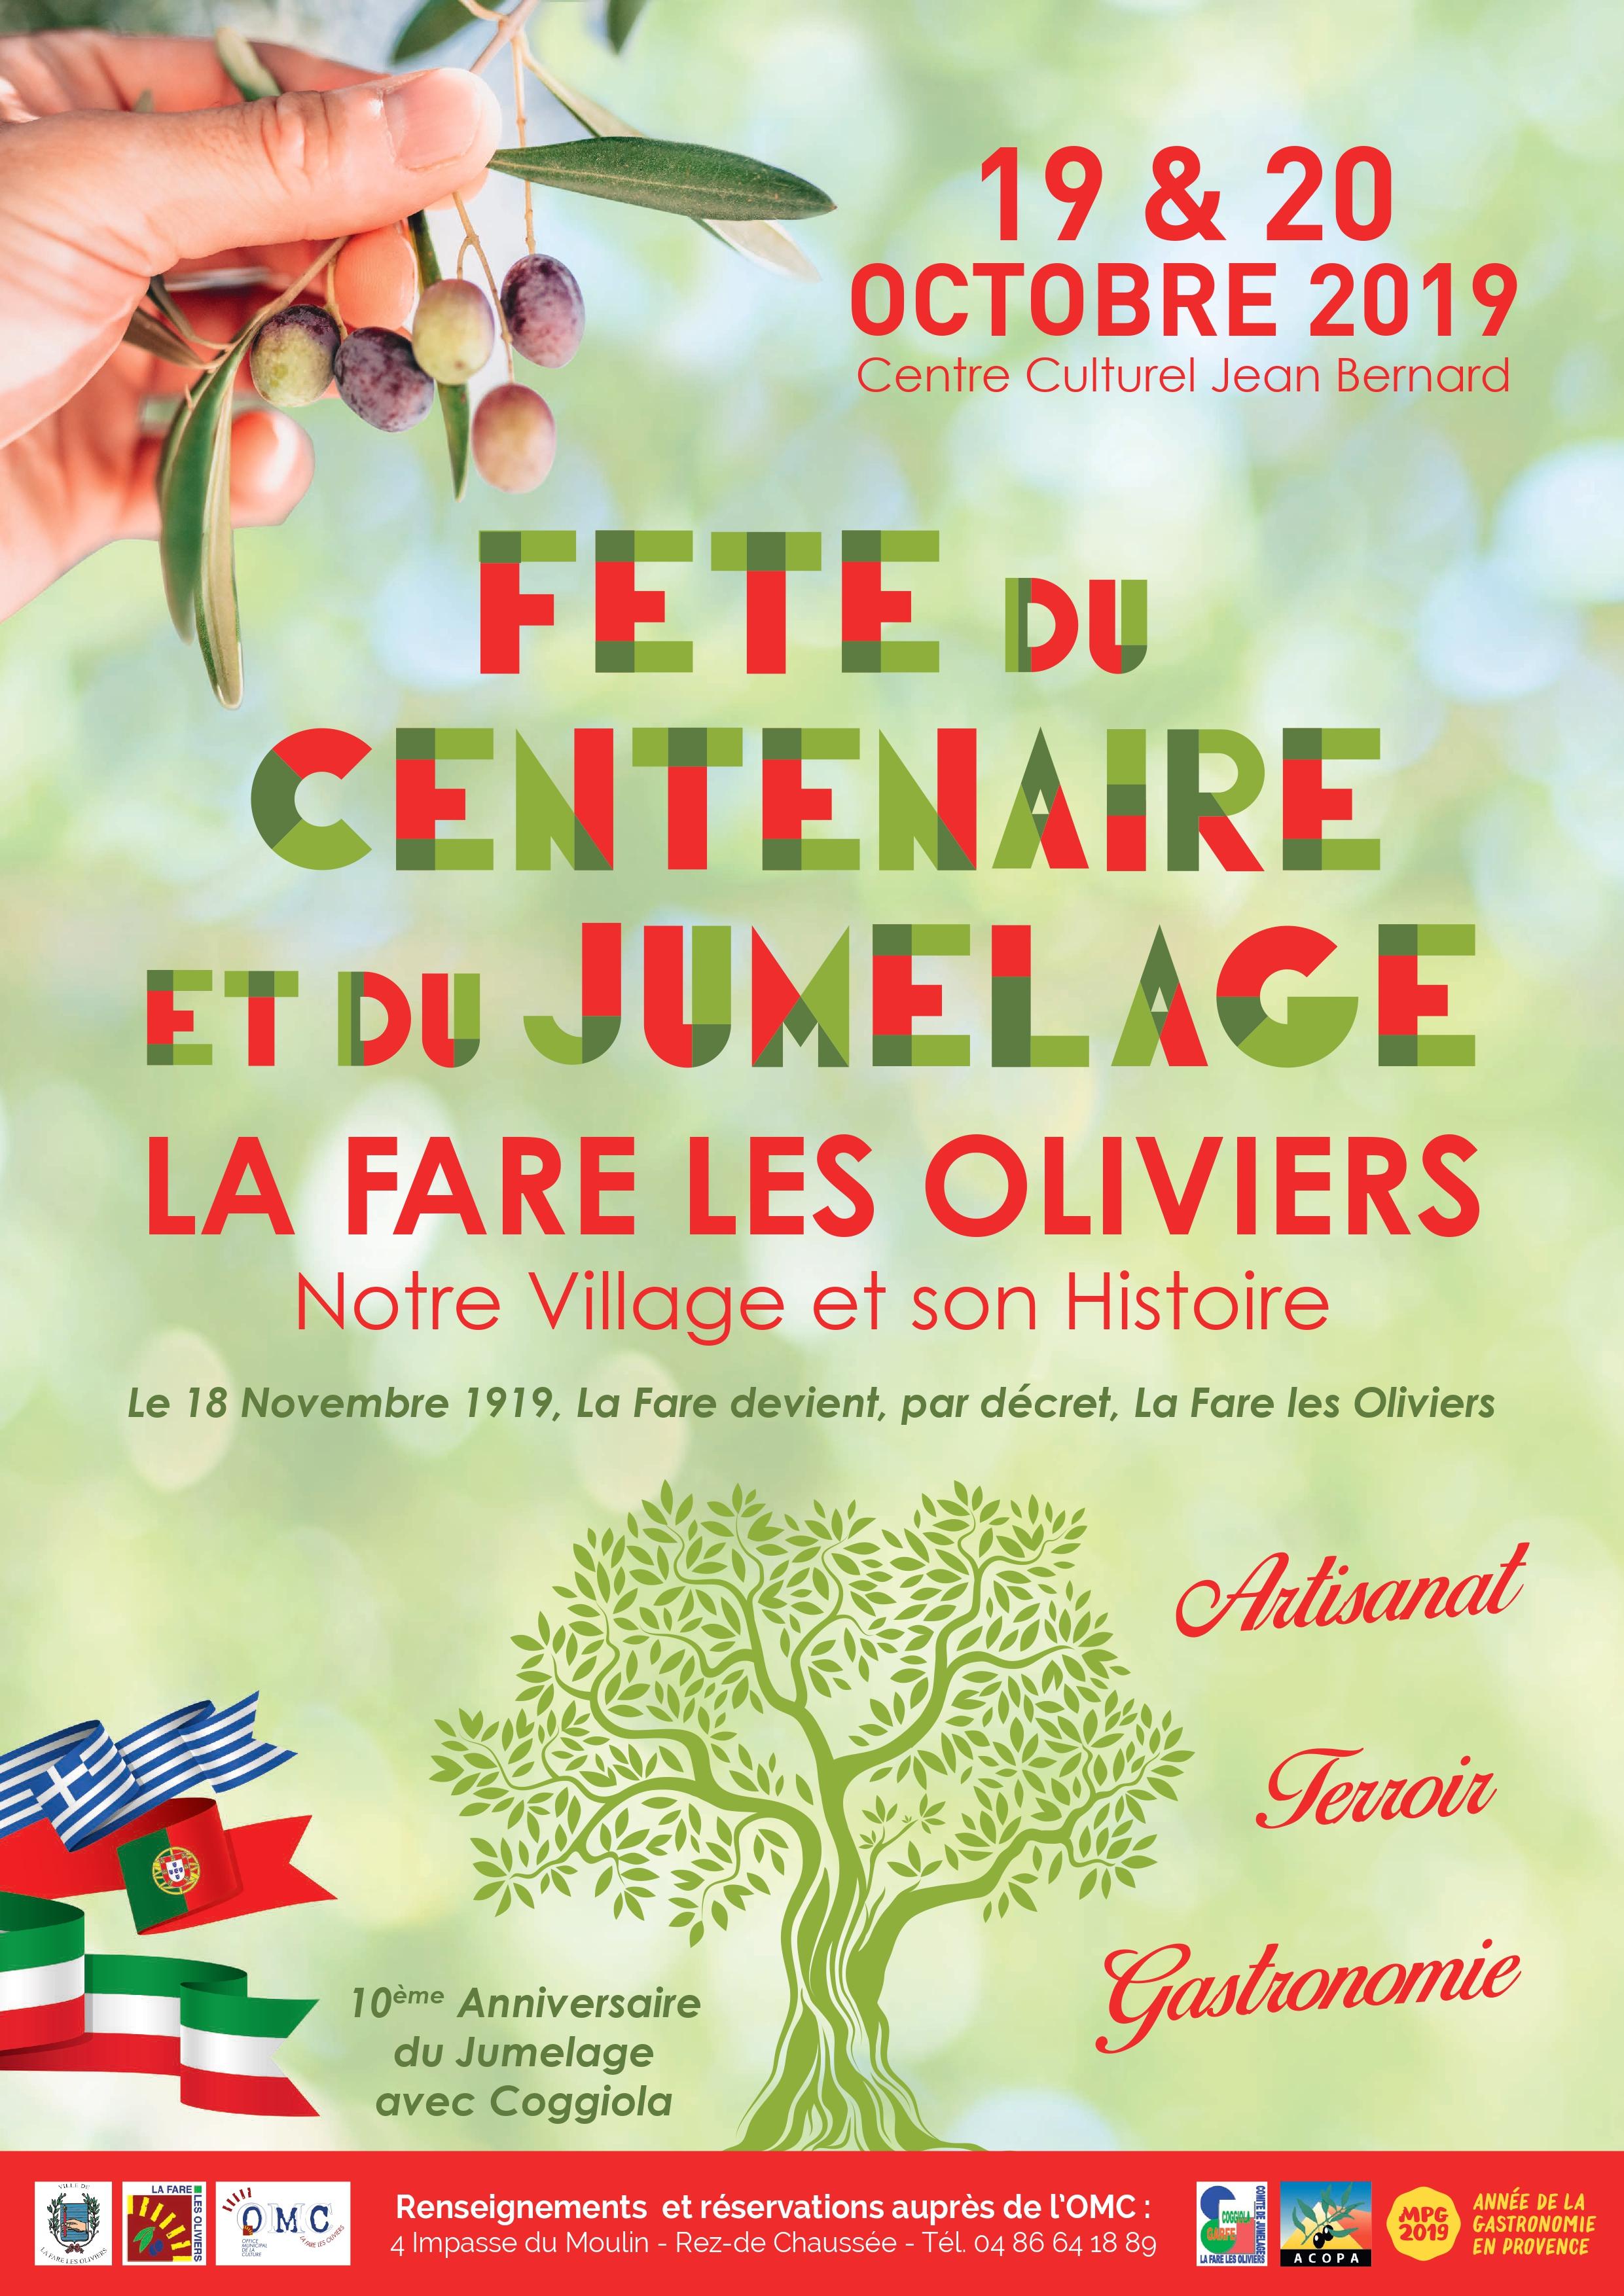 Calendrier Des Fetes De Village 64.Fete Du Centenaire Et Du Jumelage La Fare Les Oliviers